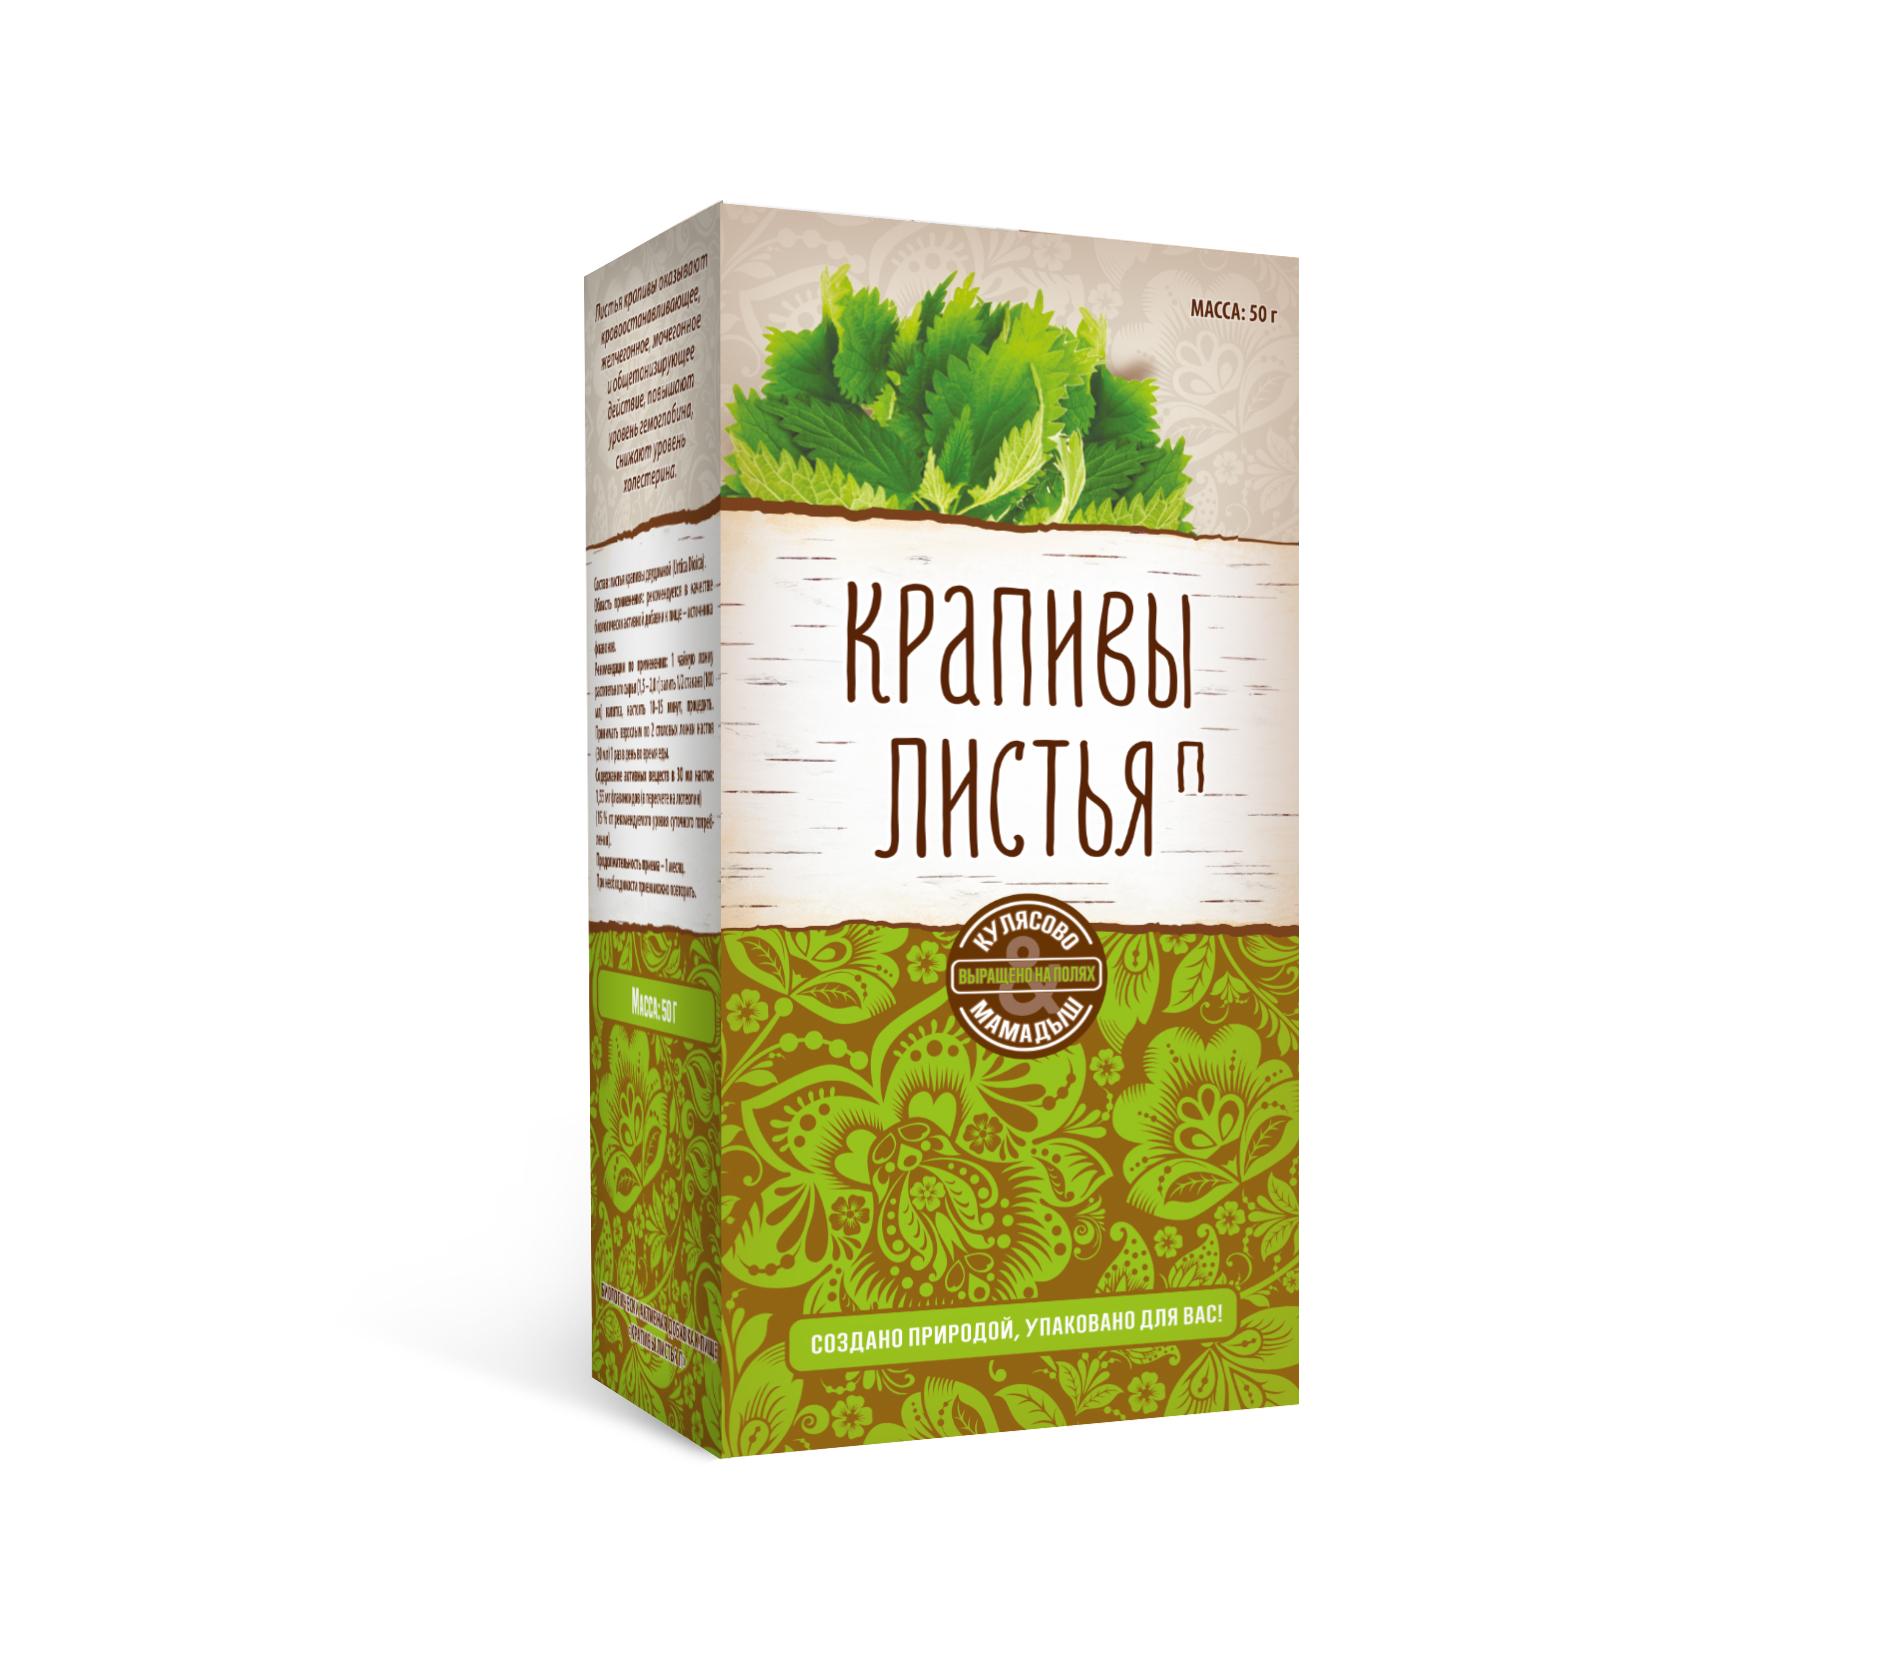 Крапивы листья П (россыпь): описание, инструкция по применению